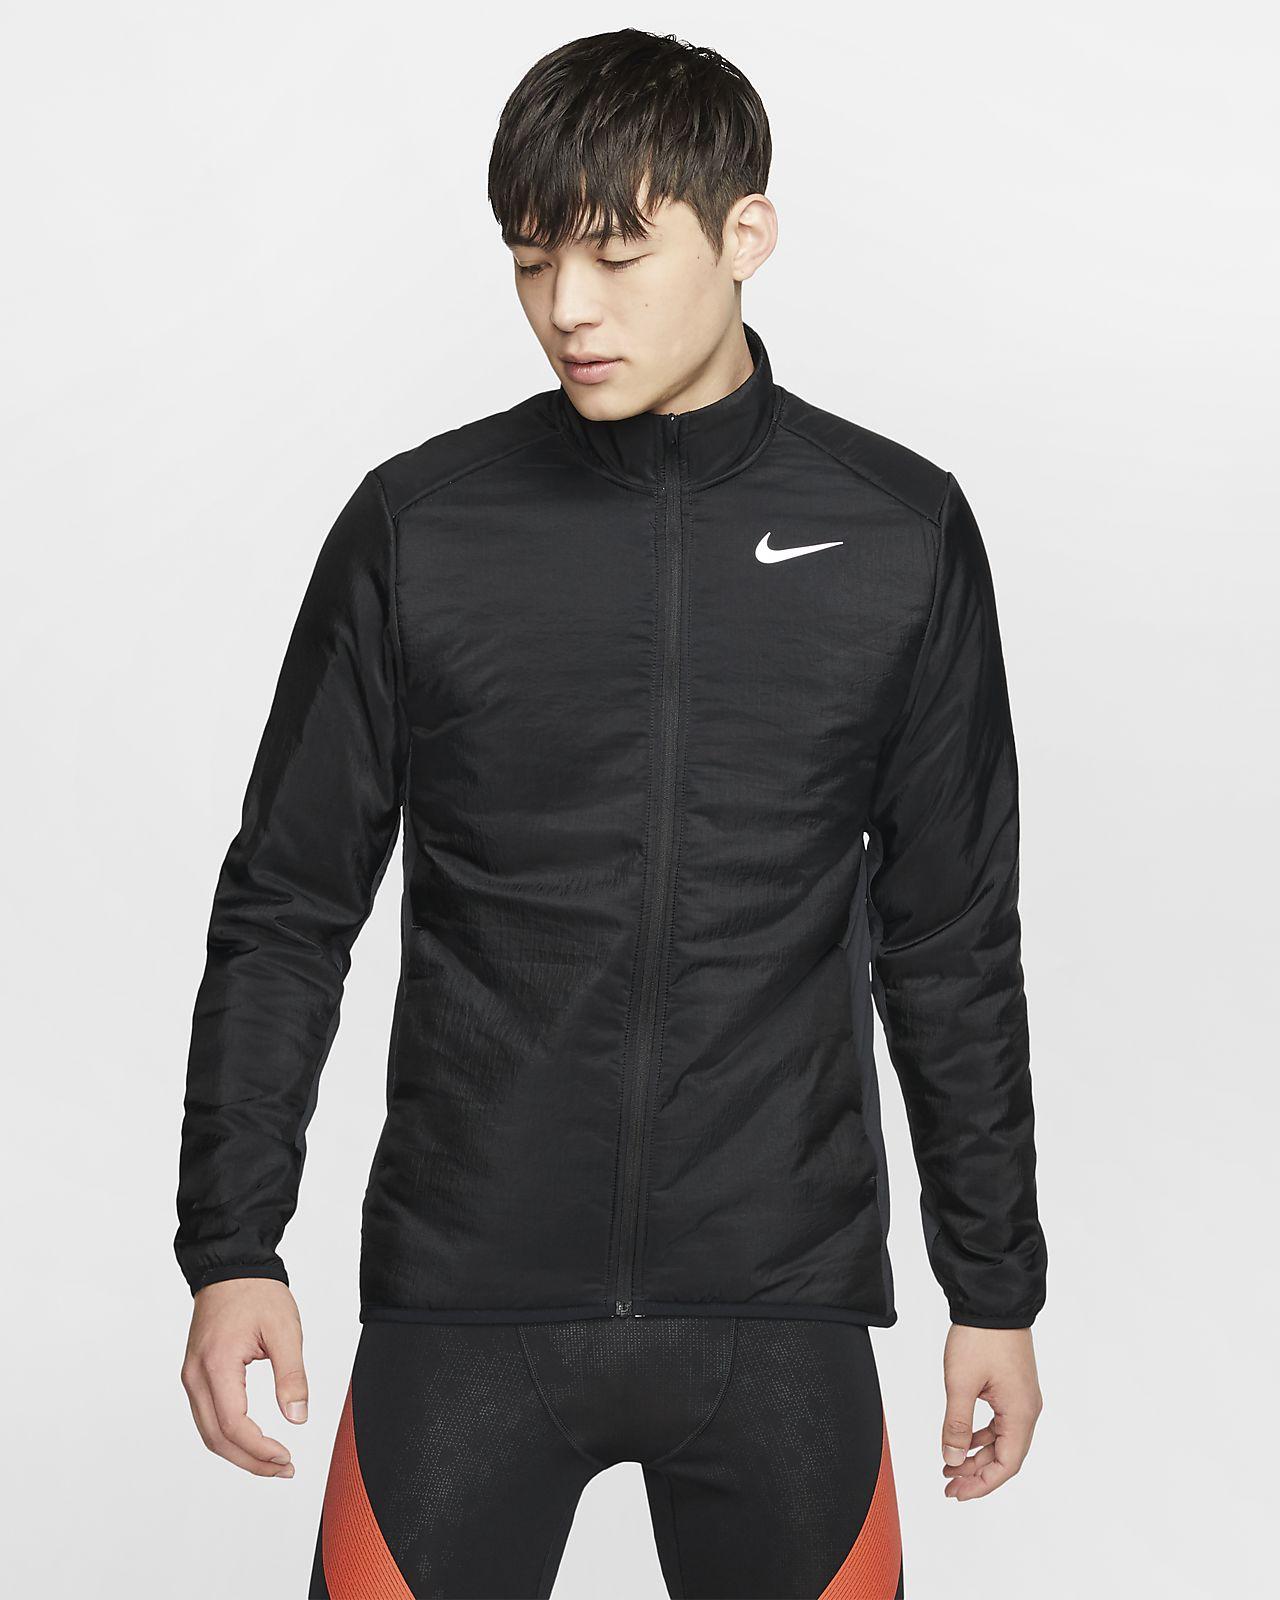 Nike AeroLayer Hardloopjack voor heren